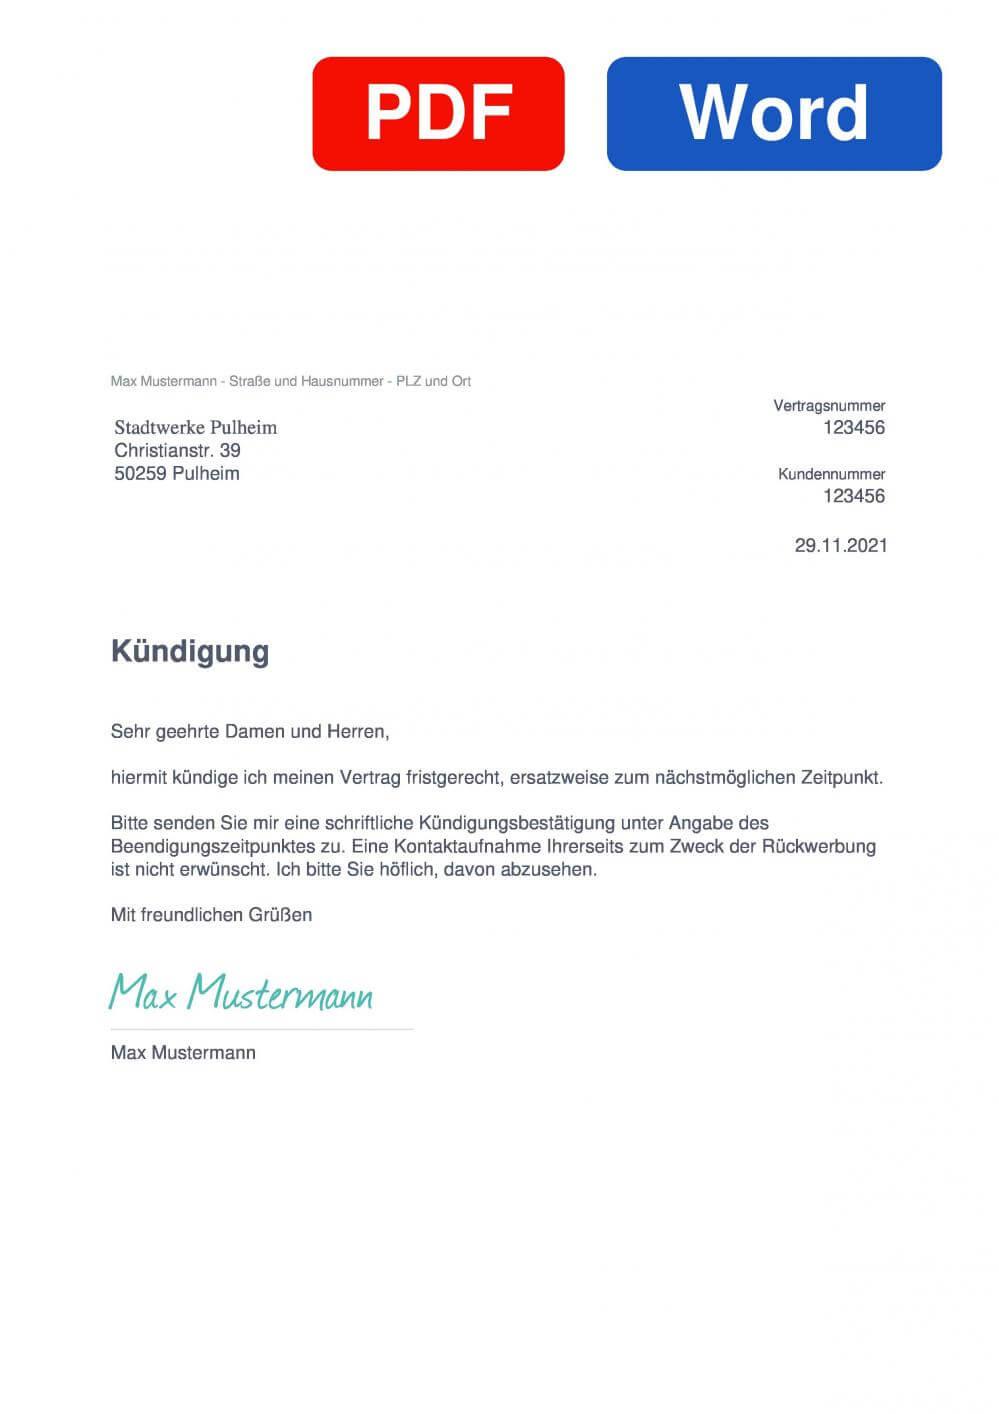 Stadtwerke Pulheim Muster Vorlage für Kündigungsschreiben